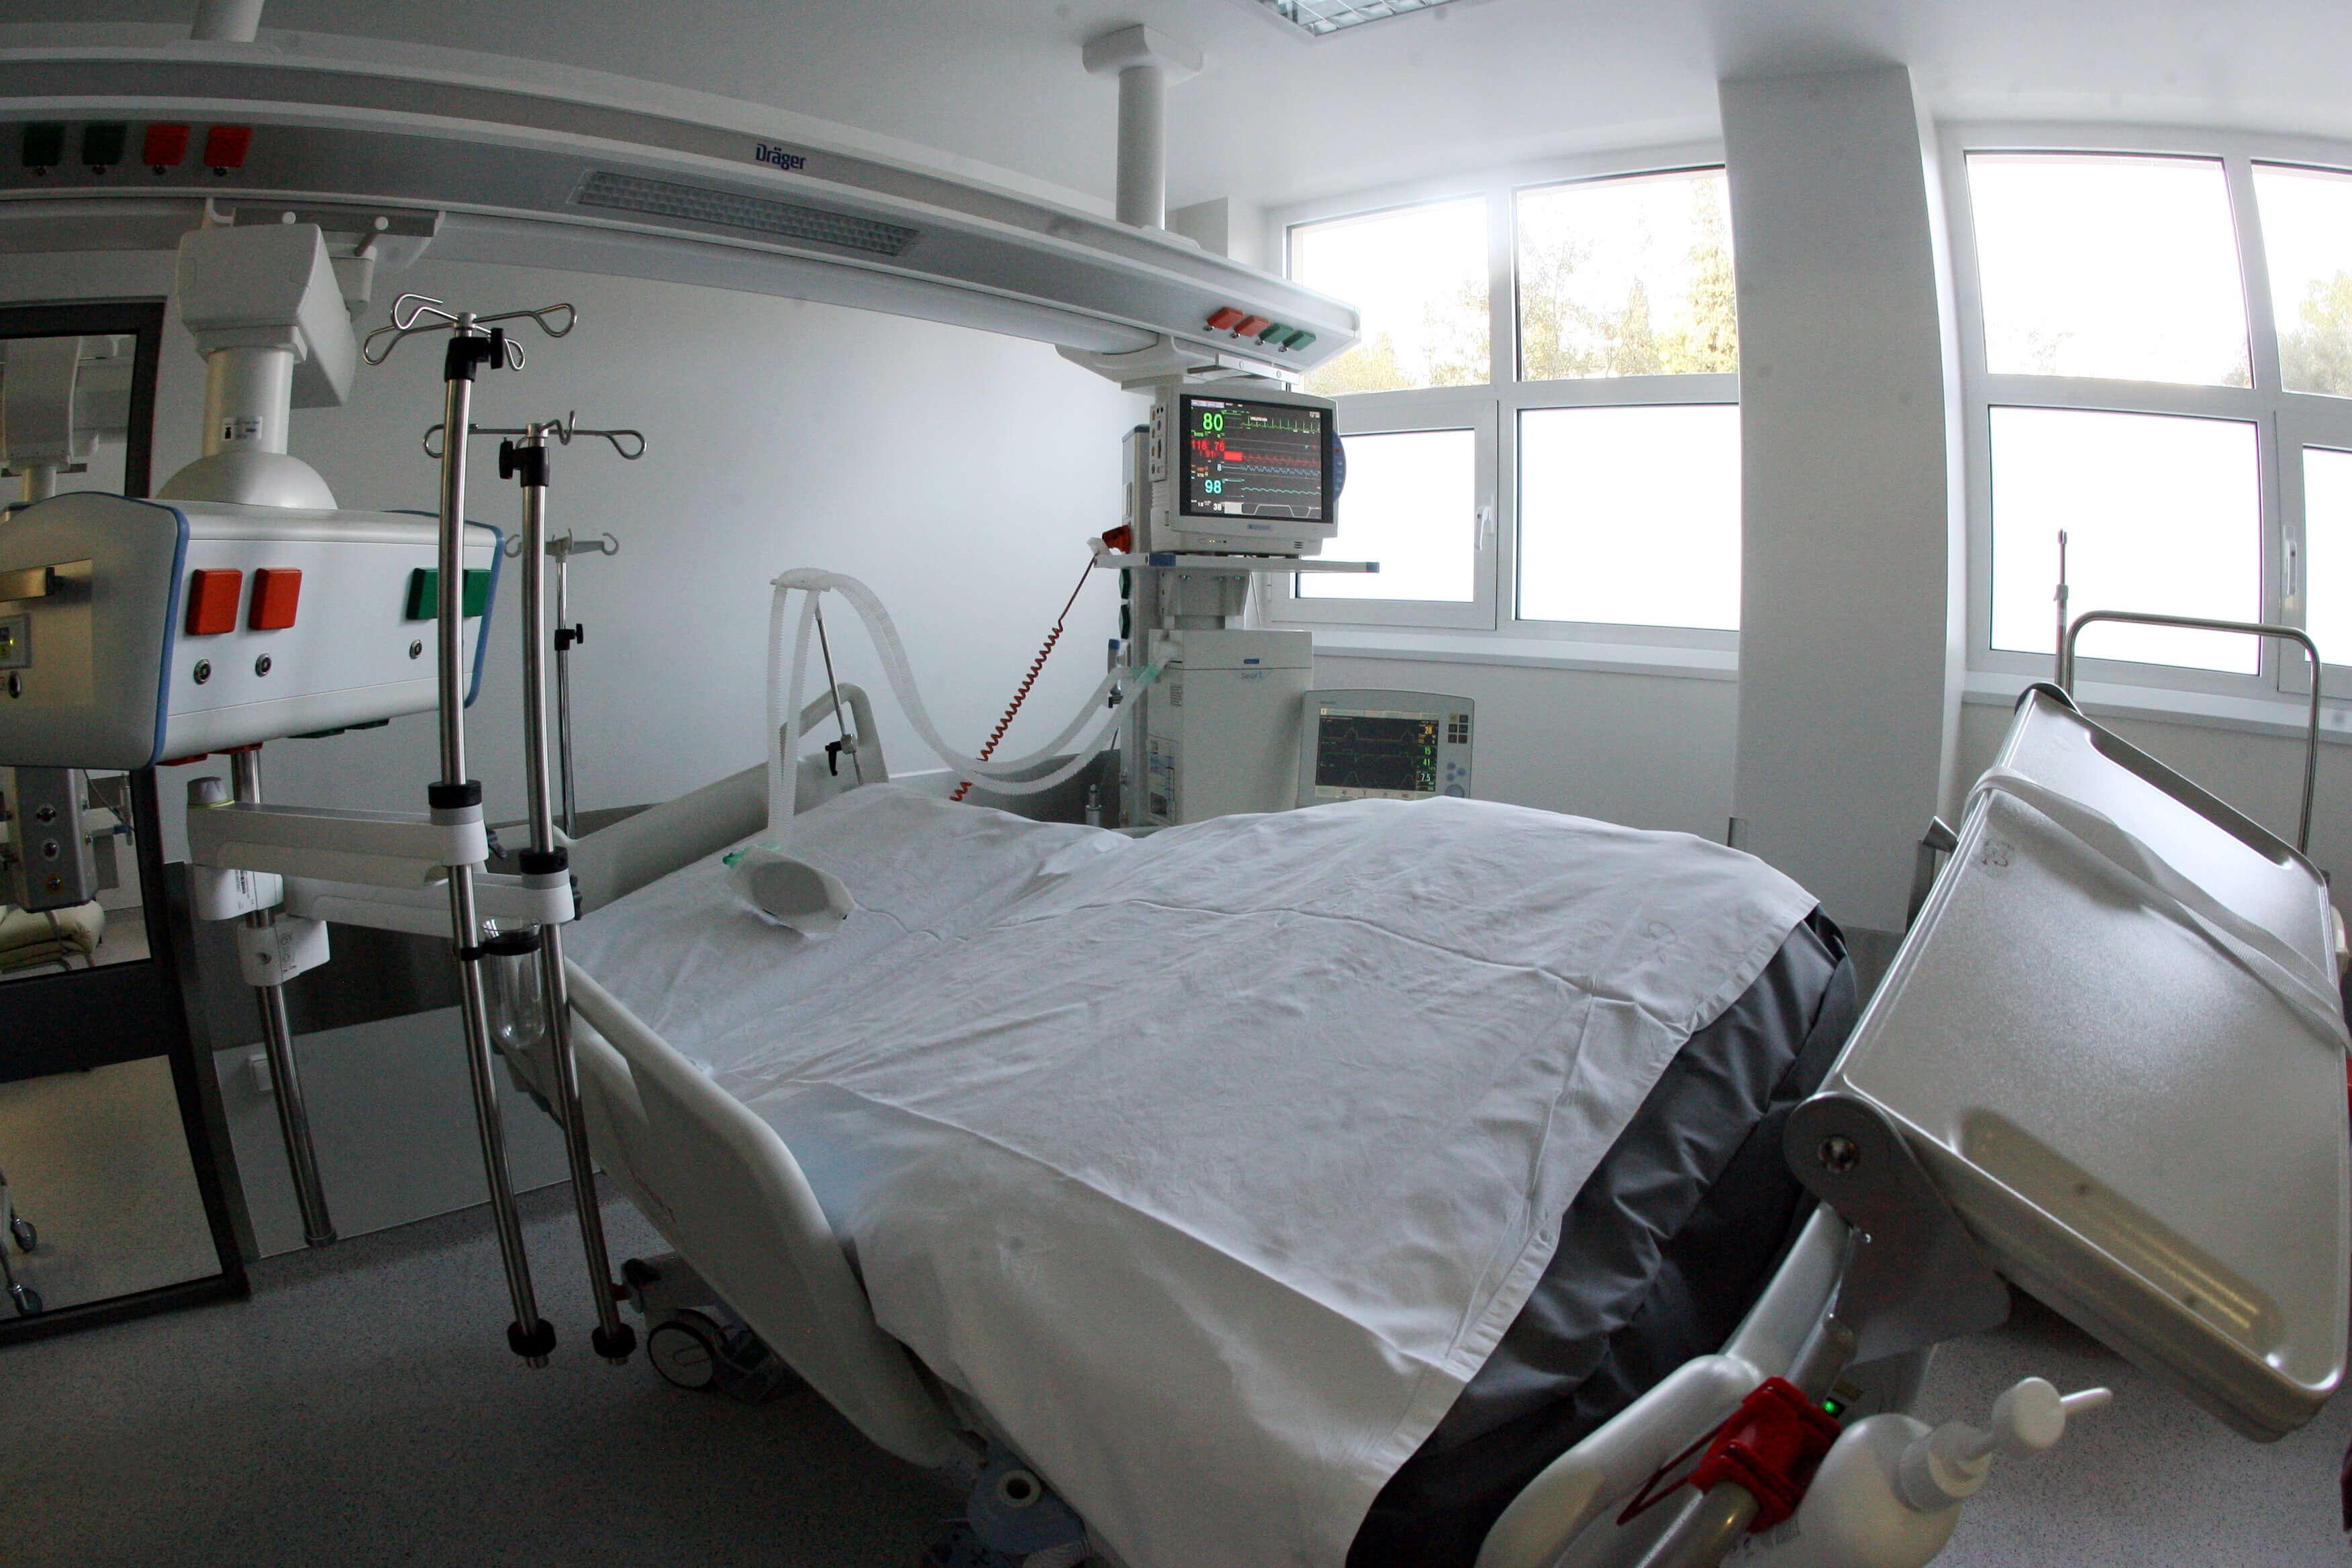 Θεσσαλονίκη: Έσωσαν μετά από χειρουργείο 7 ωρών τα 3 δάχτυλα εργάτη που ακρωτηριάστηκαν σε ατύχημα!